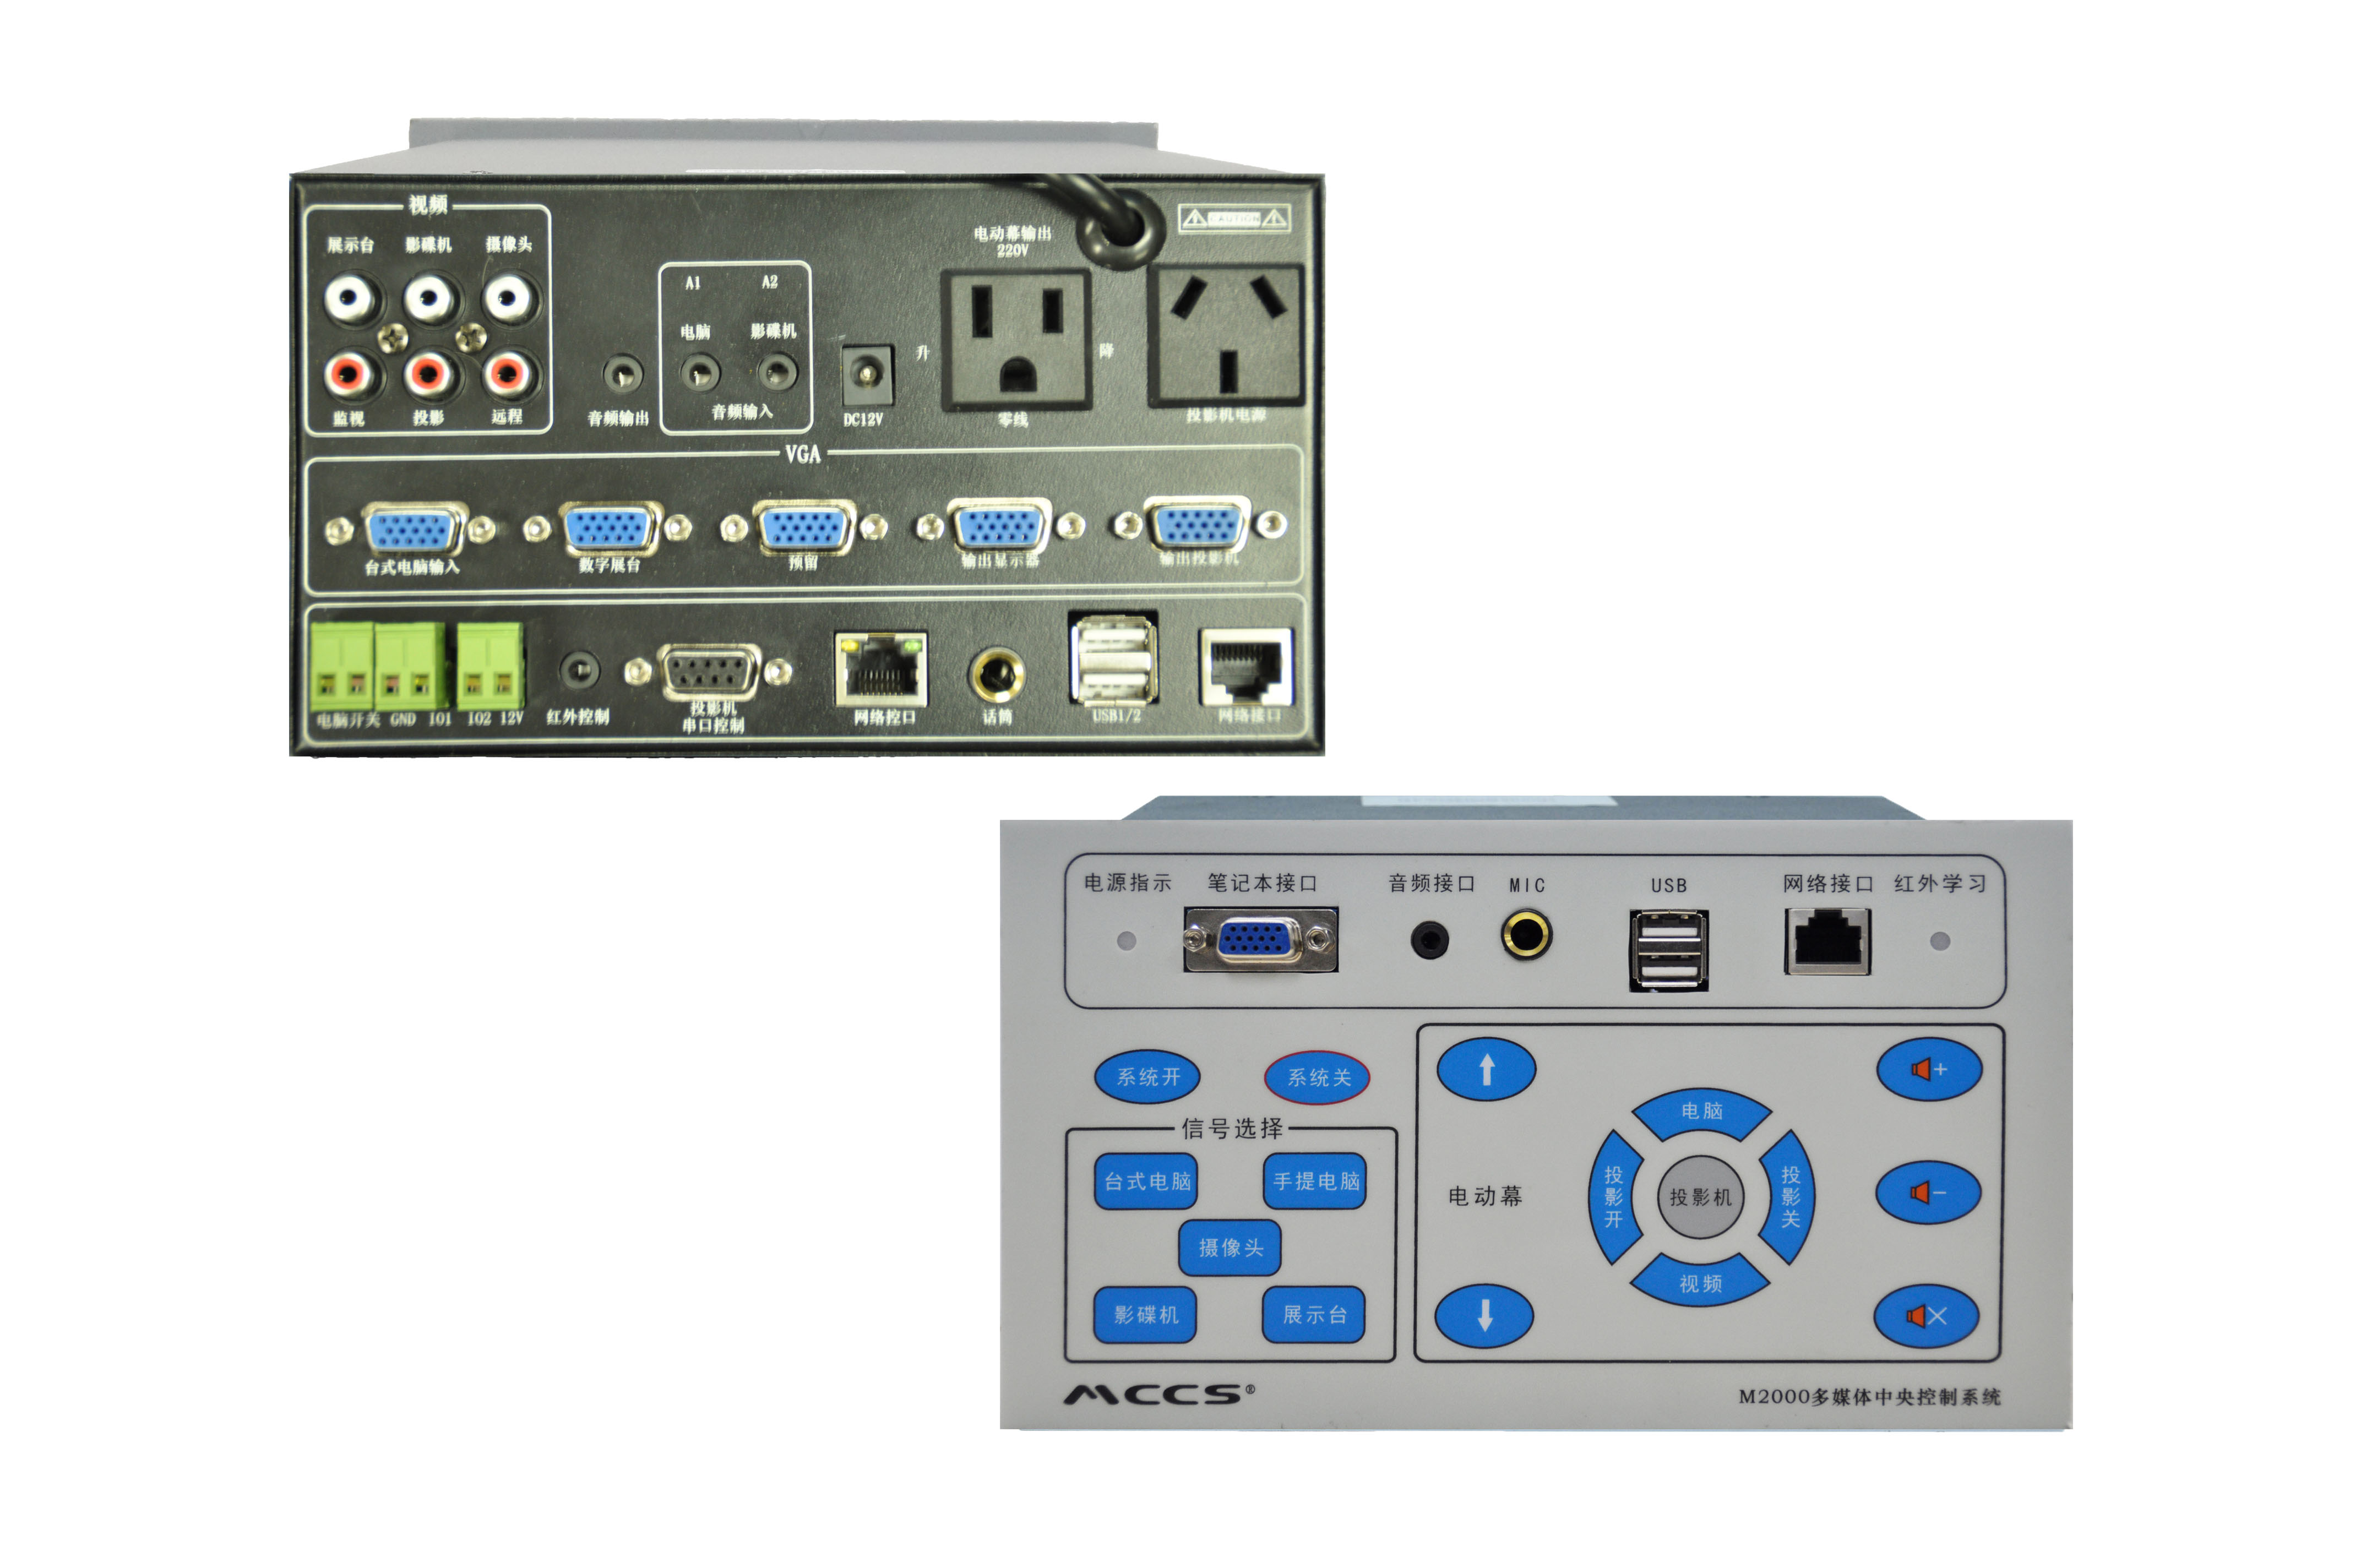 (点击图片查看大图) 1、一键开机和一键关机(含电脑、投影机、投影幕等的开关都由中控一键控制),也可单独控制电动屏幕升降、投影机开关;具备系统键进行一键控制,按系统开键投影机、投影幕自动打开,按系统关键投影机、投影幕自动关闭,投影机电源自动延时保护;有分别控制设备的开关键,如电动幕升降控制、投影机开关控制; 2、一键式切换数字展台、台式电脑、笔记本电脑的视频信号; 3、内置4进2出VGA切换,支持台式电脑、手提电脑、数字展台输入; 4、内置3进3出视频切换,支持展台、影碟机、摄像头输入,投影、远程、监